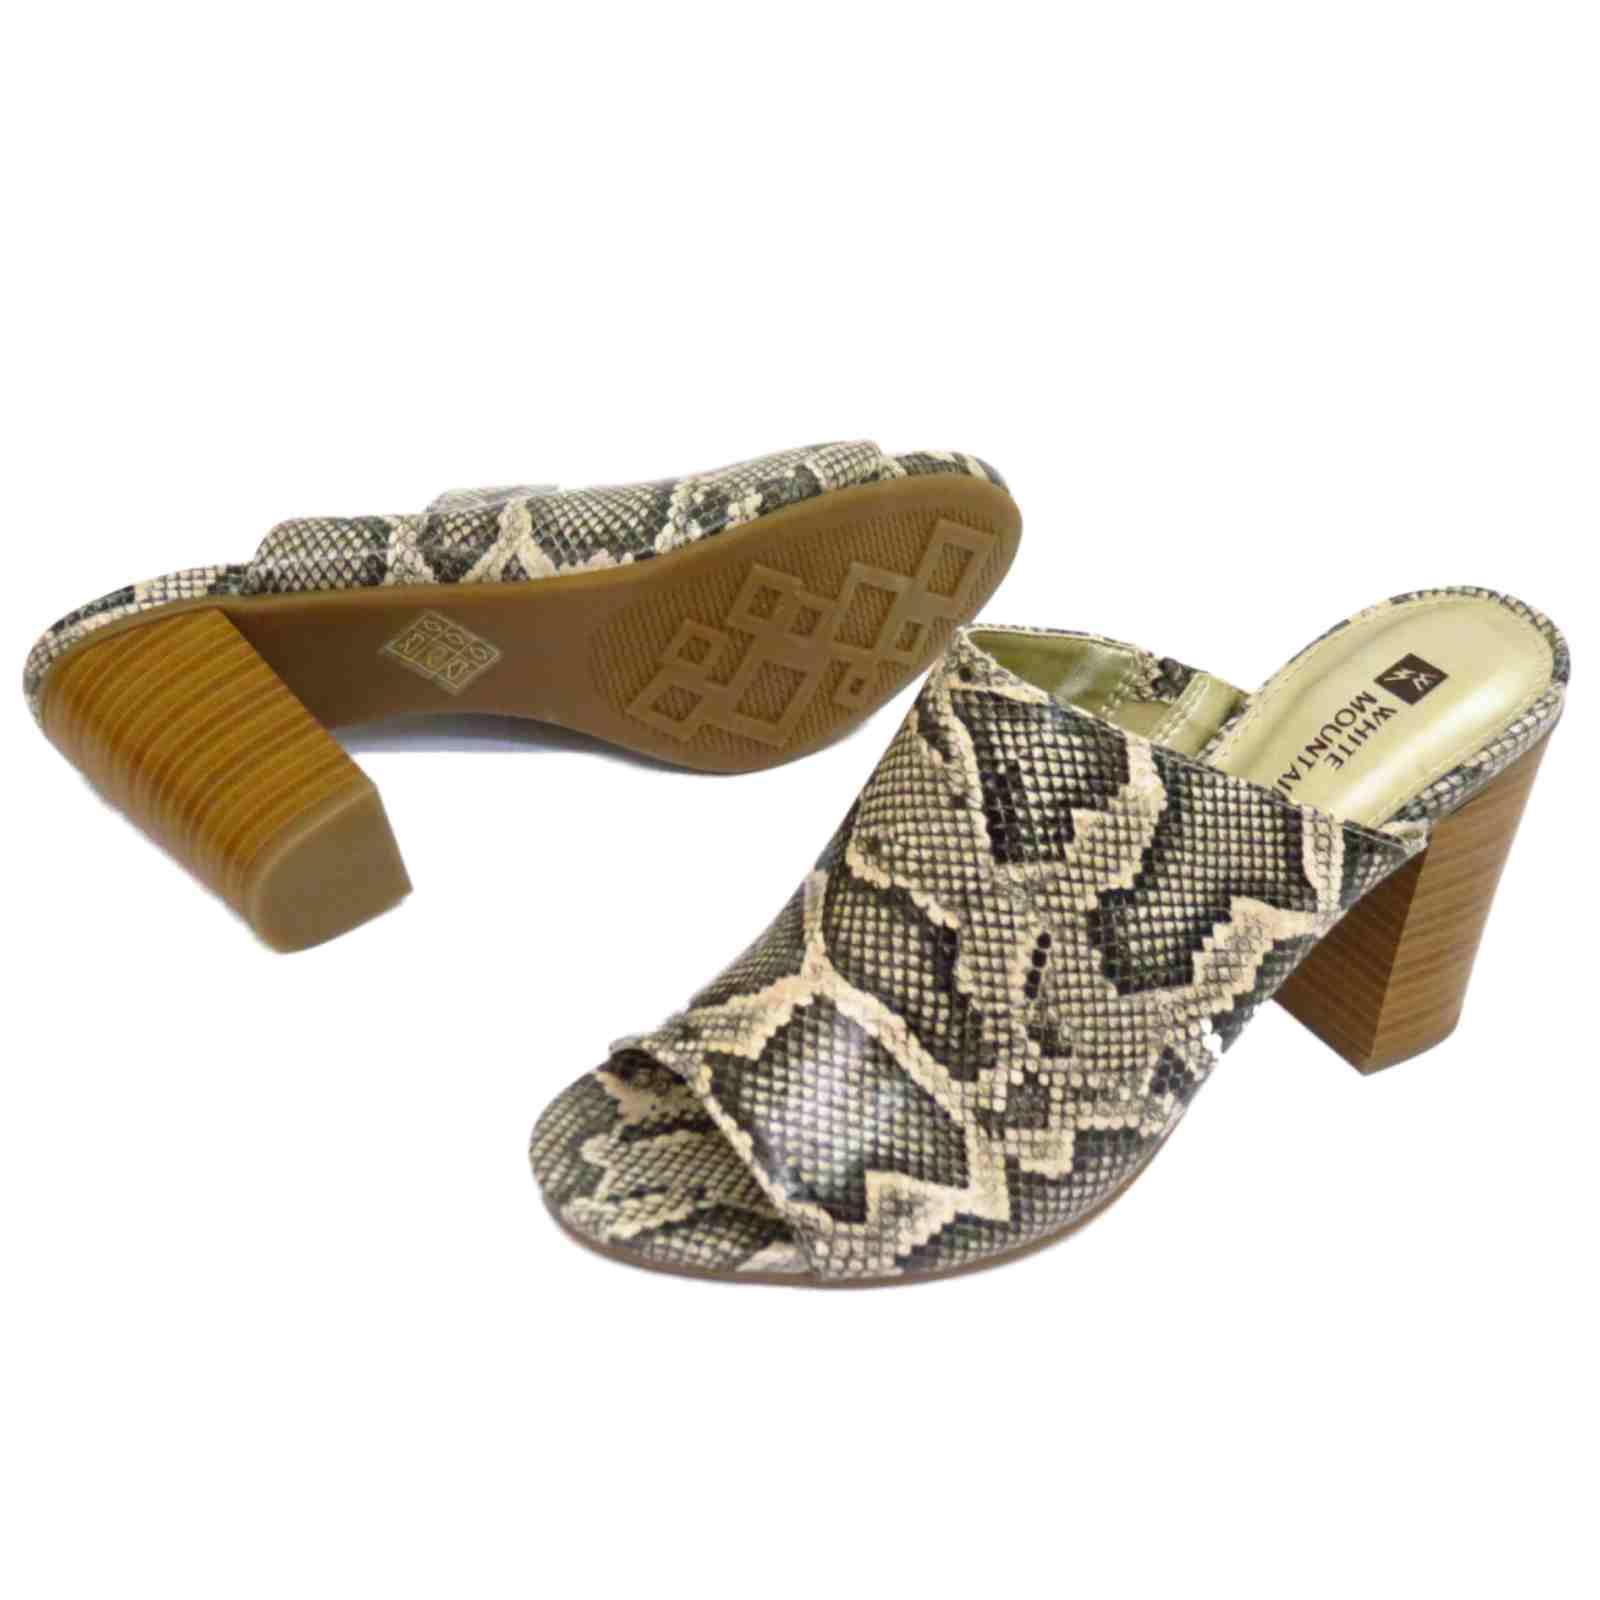 Mujer Serpiente Sin Cordones Zapatos Talón Punta Abierta Tacón De Bloque trabajo